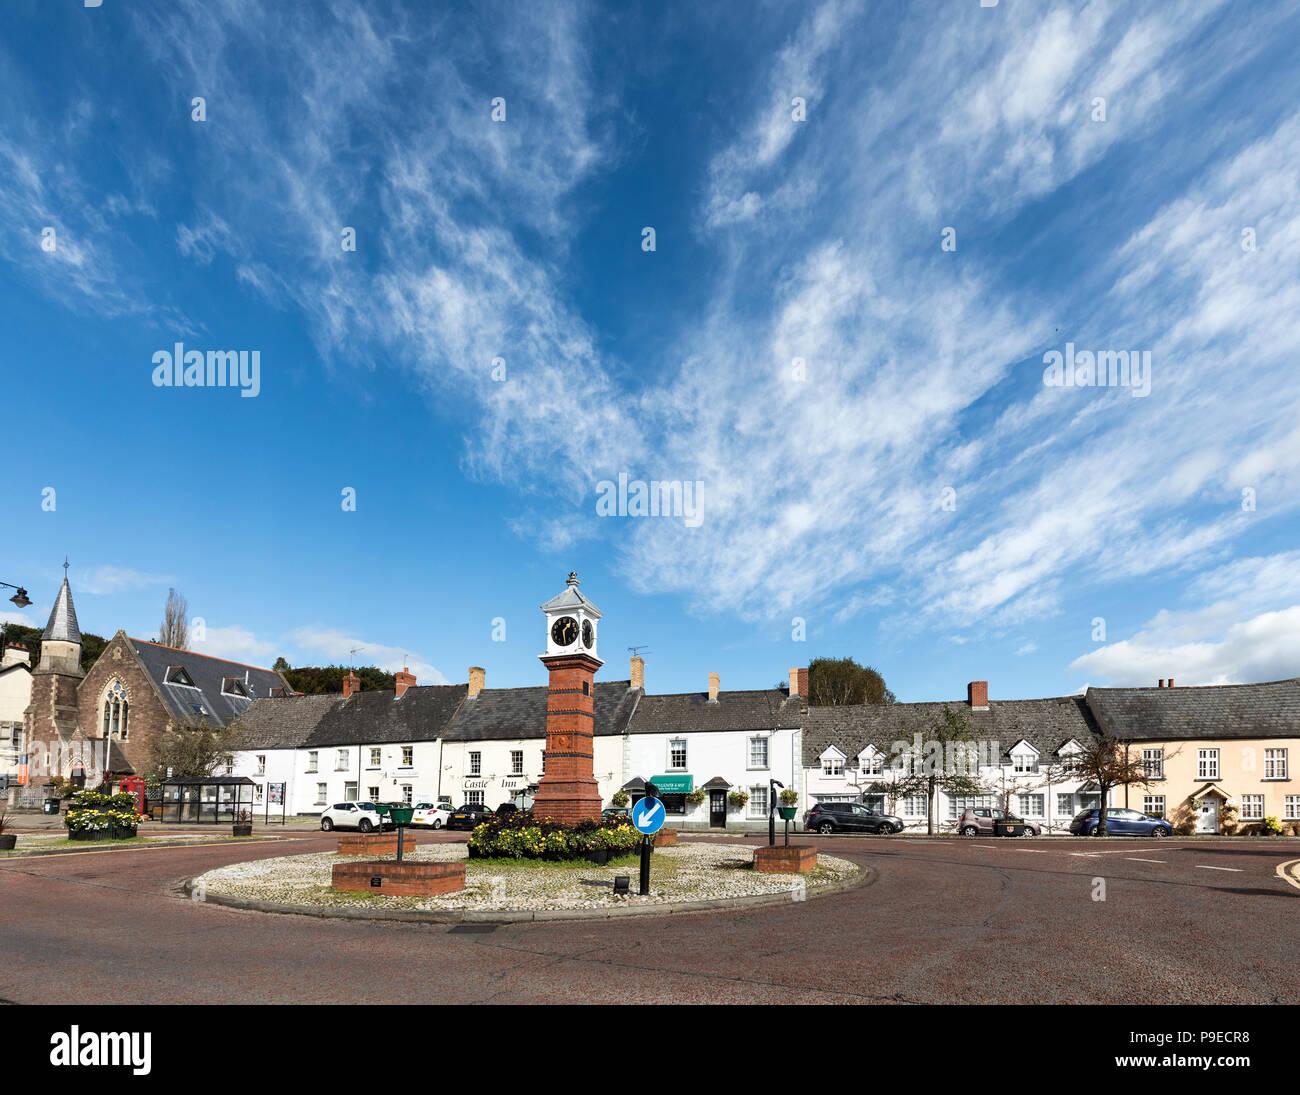 Réveil sur rond-point dans le centre de Usk, Pays de Galles, Royaume-Uni Photo Stock